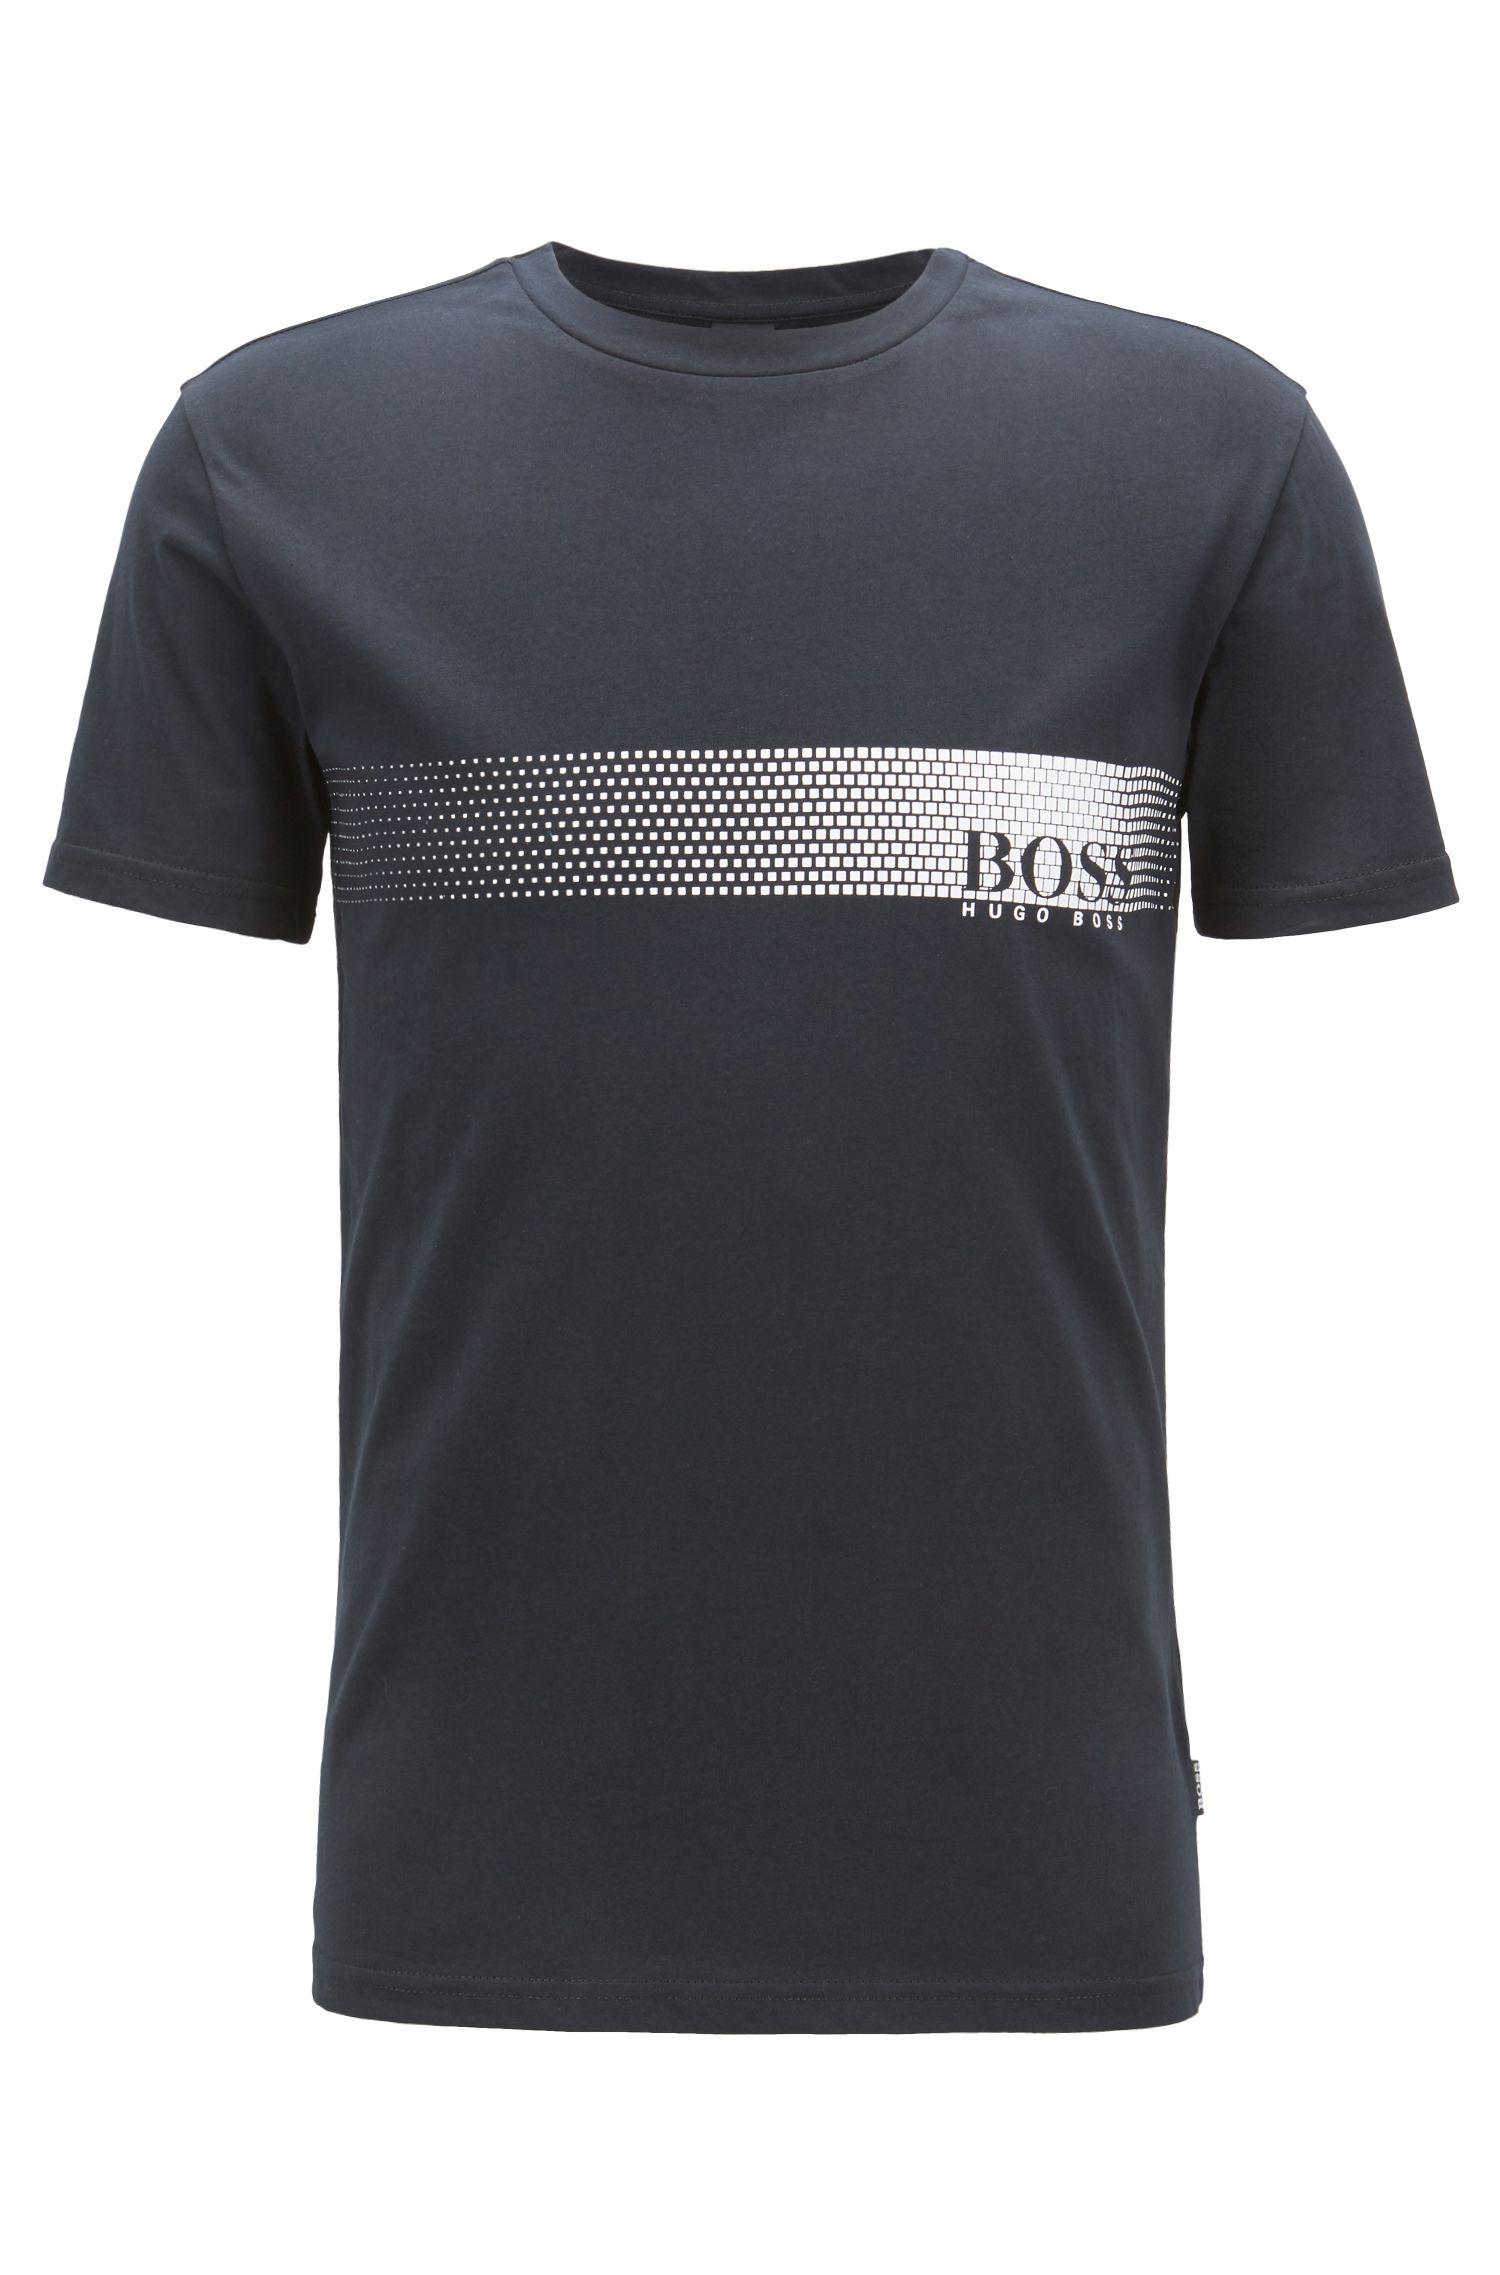 T-Shirt aus Baumwolle mit Logo-Print und Sonnenschutz, Schwarz